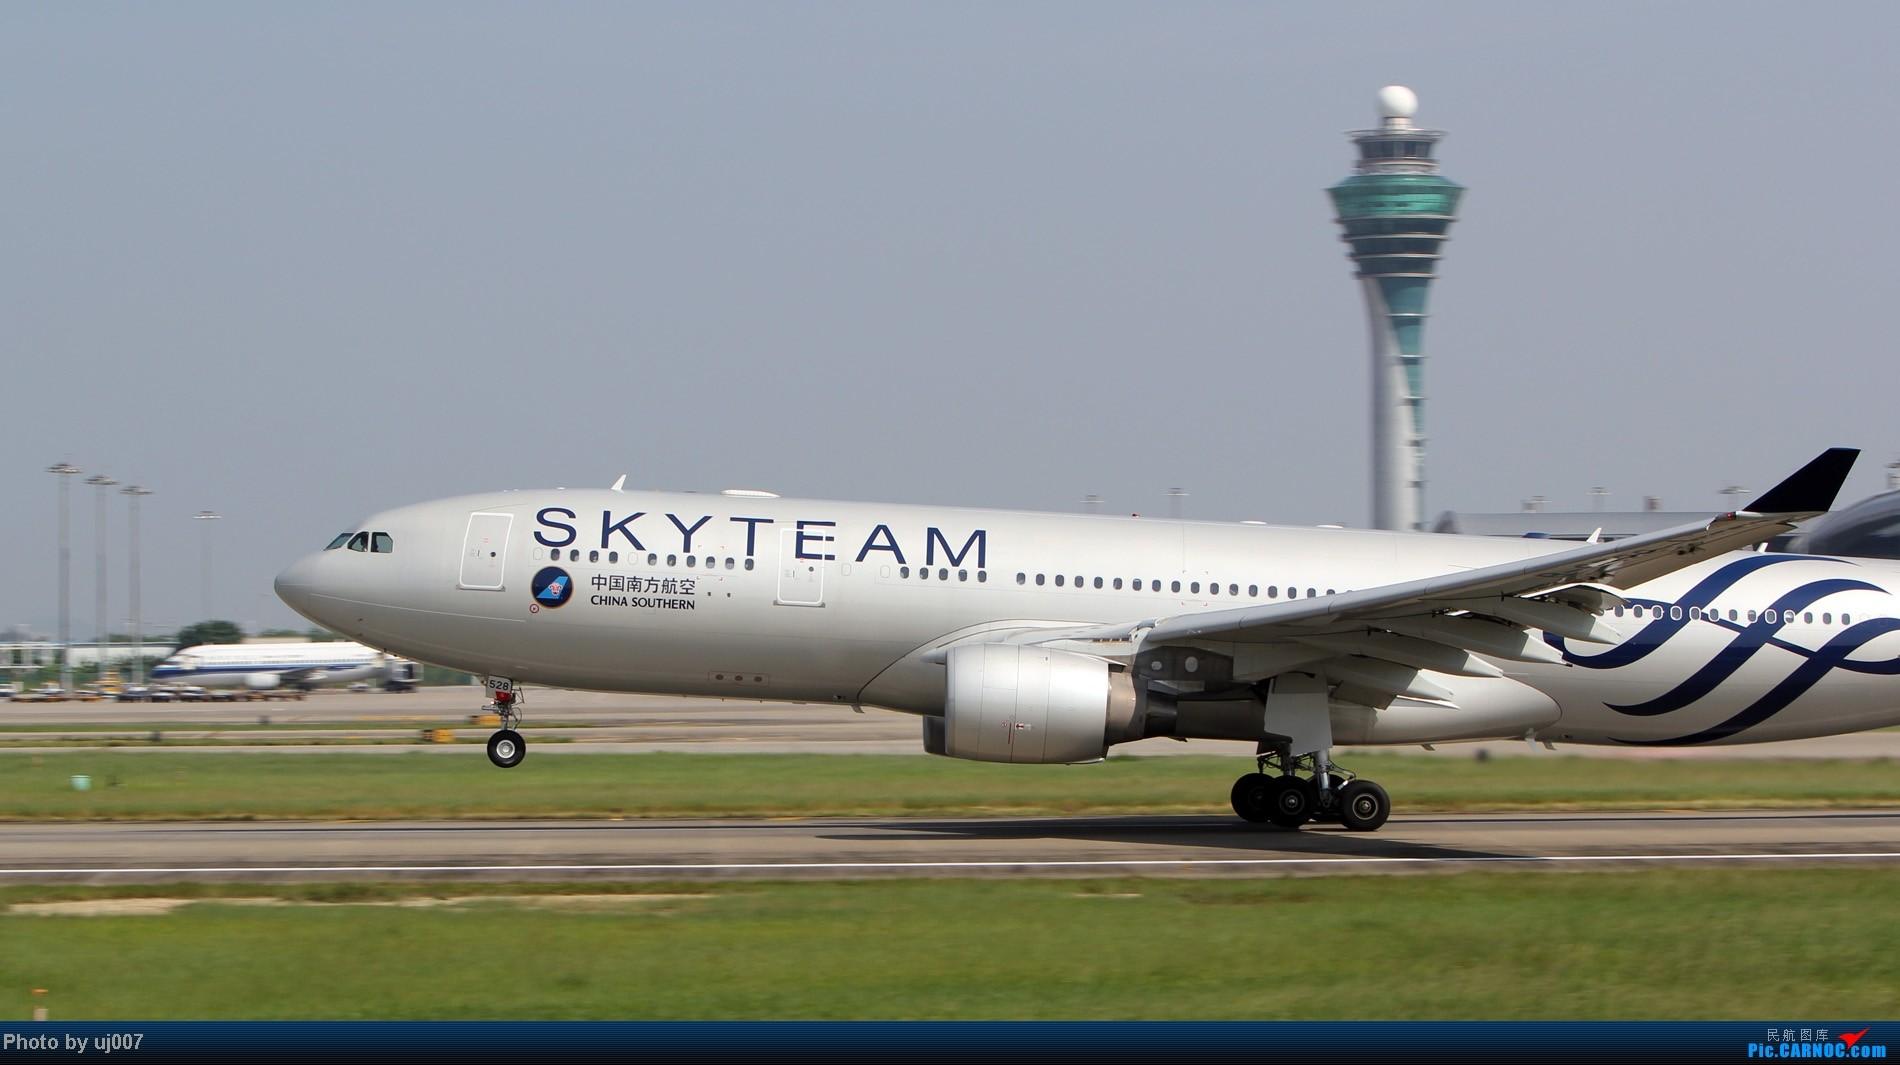 Re:[原创]10月2日白云拍机,超级多图系列(大飞机,特别妆,外航,闪灯,擦烟)求指点. AIRBUS A330-200 B-6528 中国广州白云机场